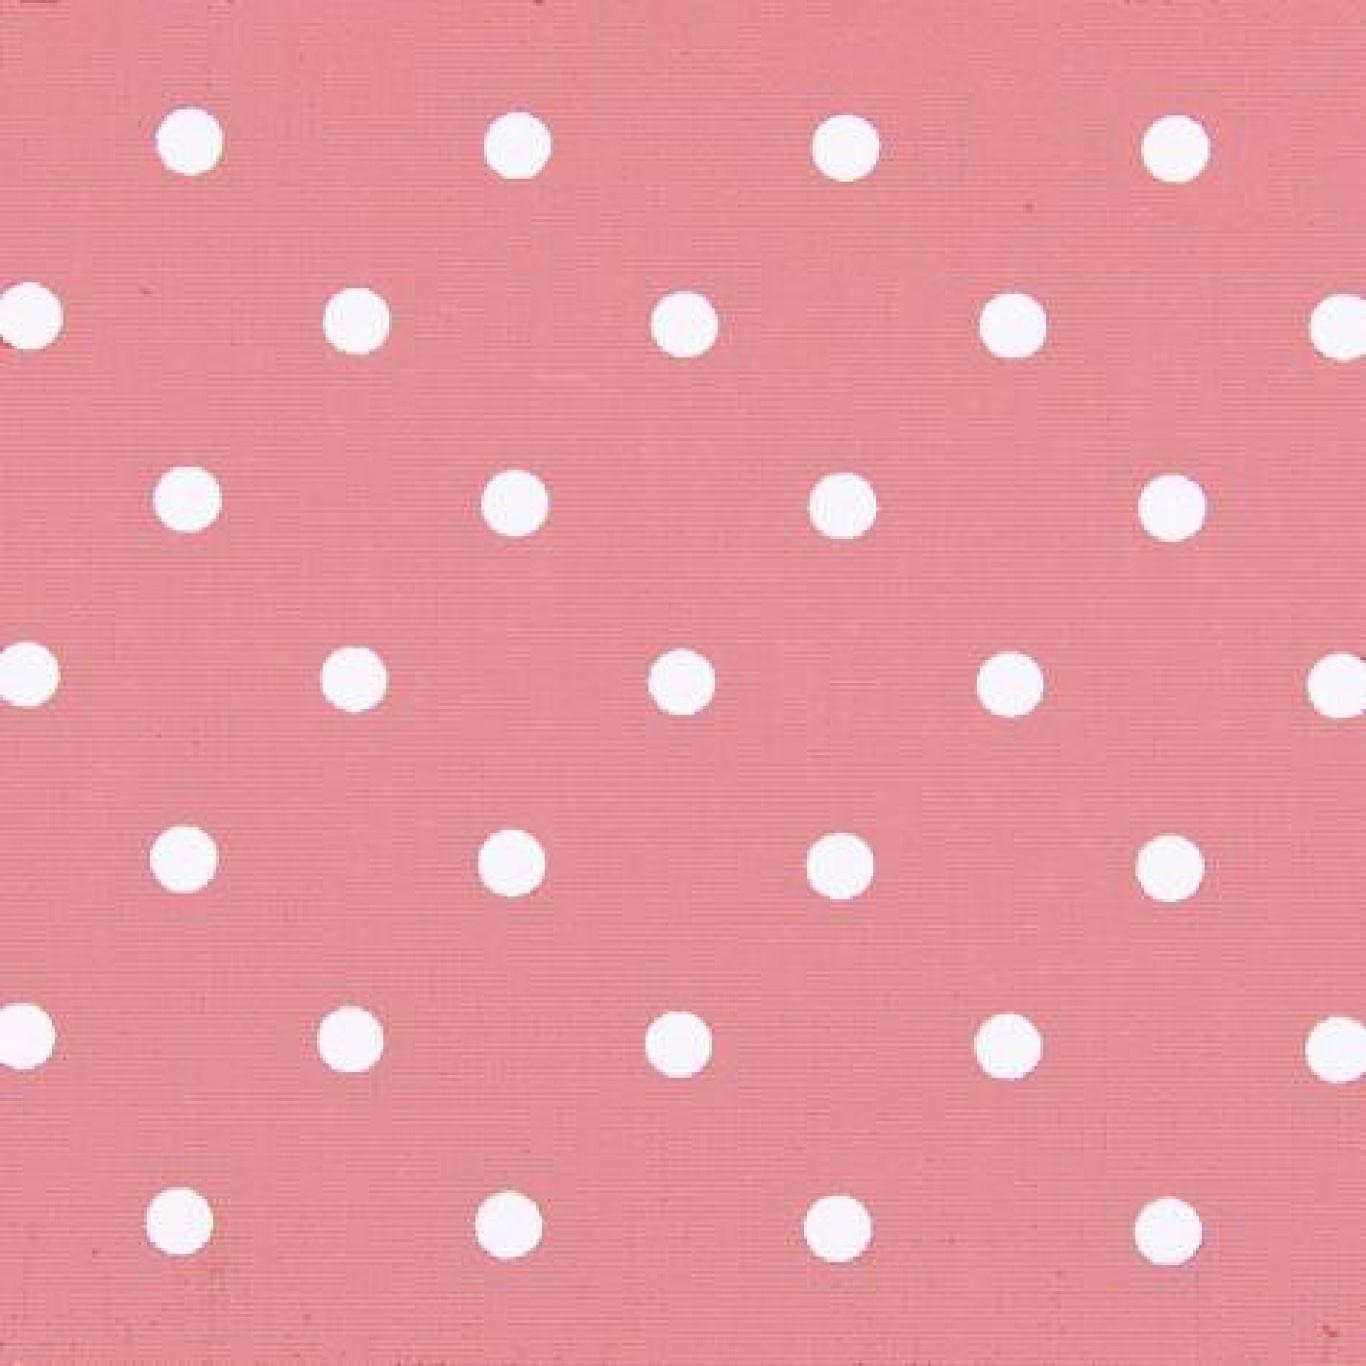 Image of Prestigious Full Stop Rose Curtain Fabric